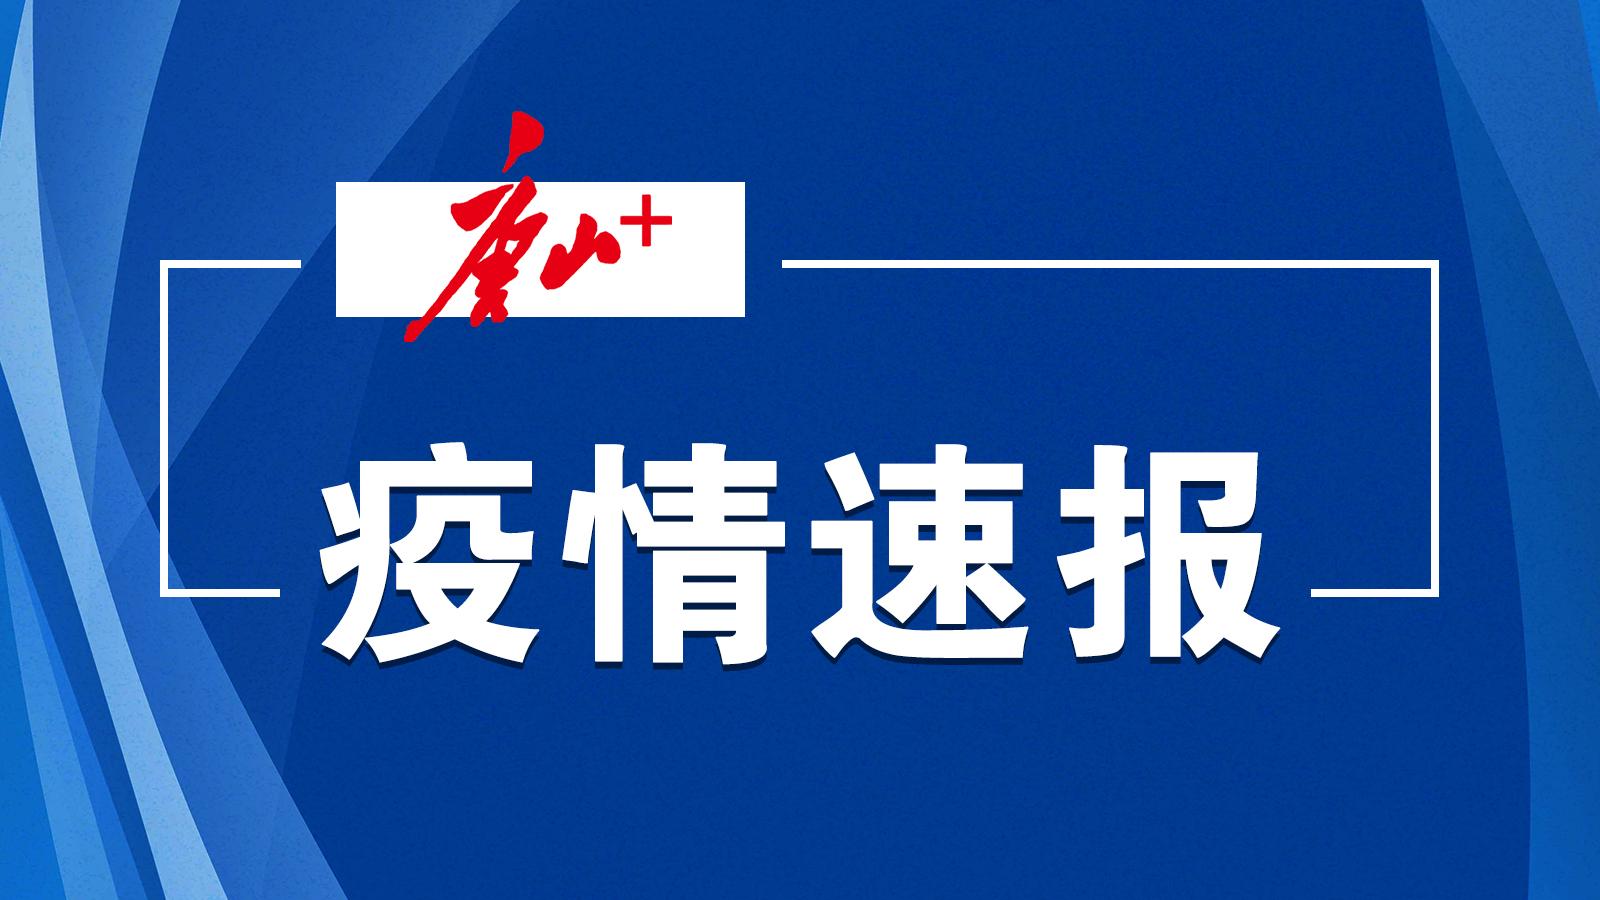 5月15日河北无新增确诊病例!